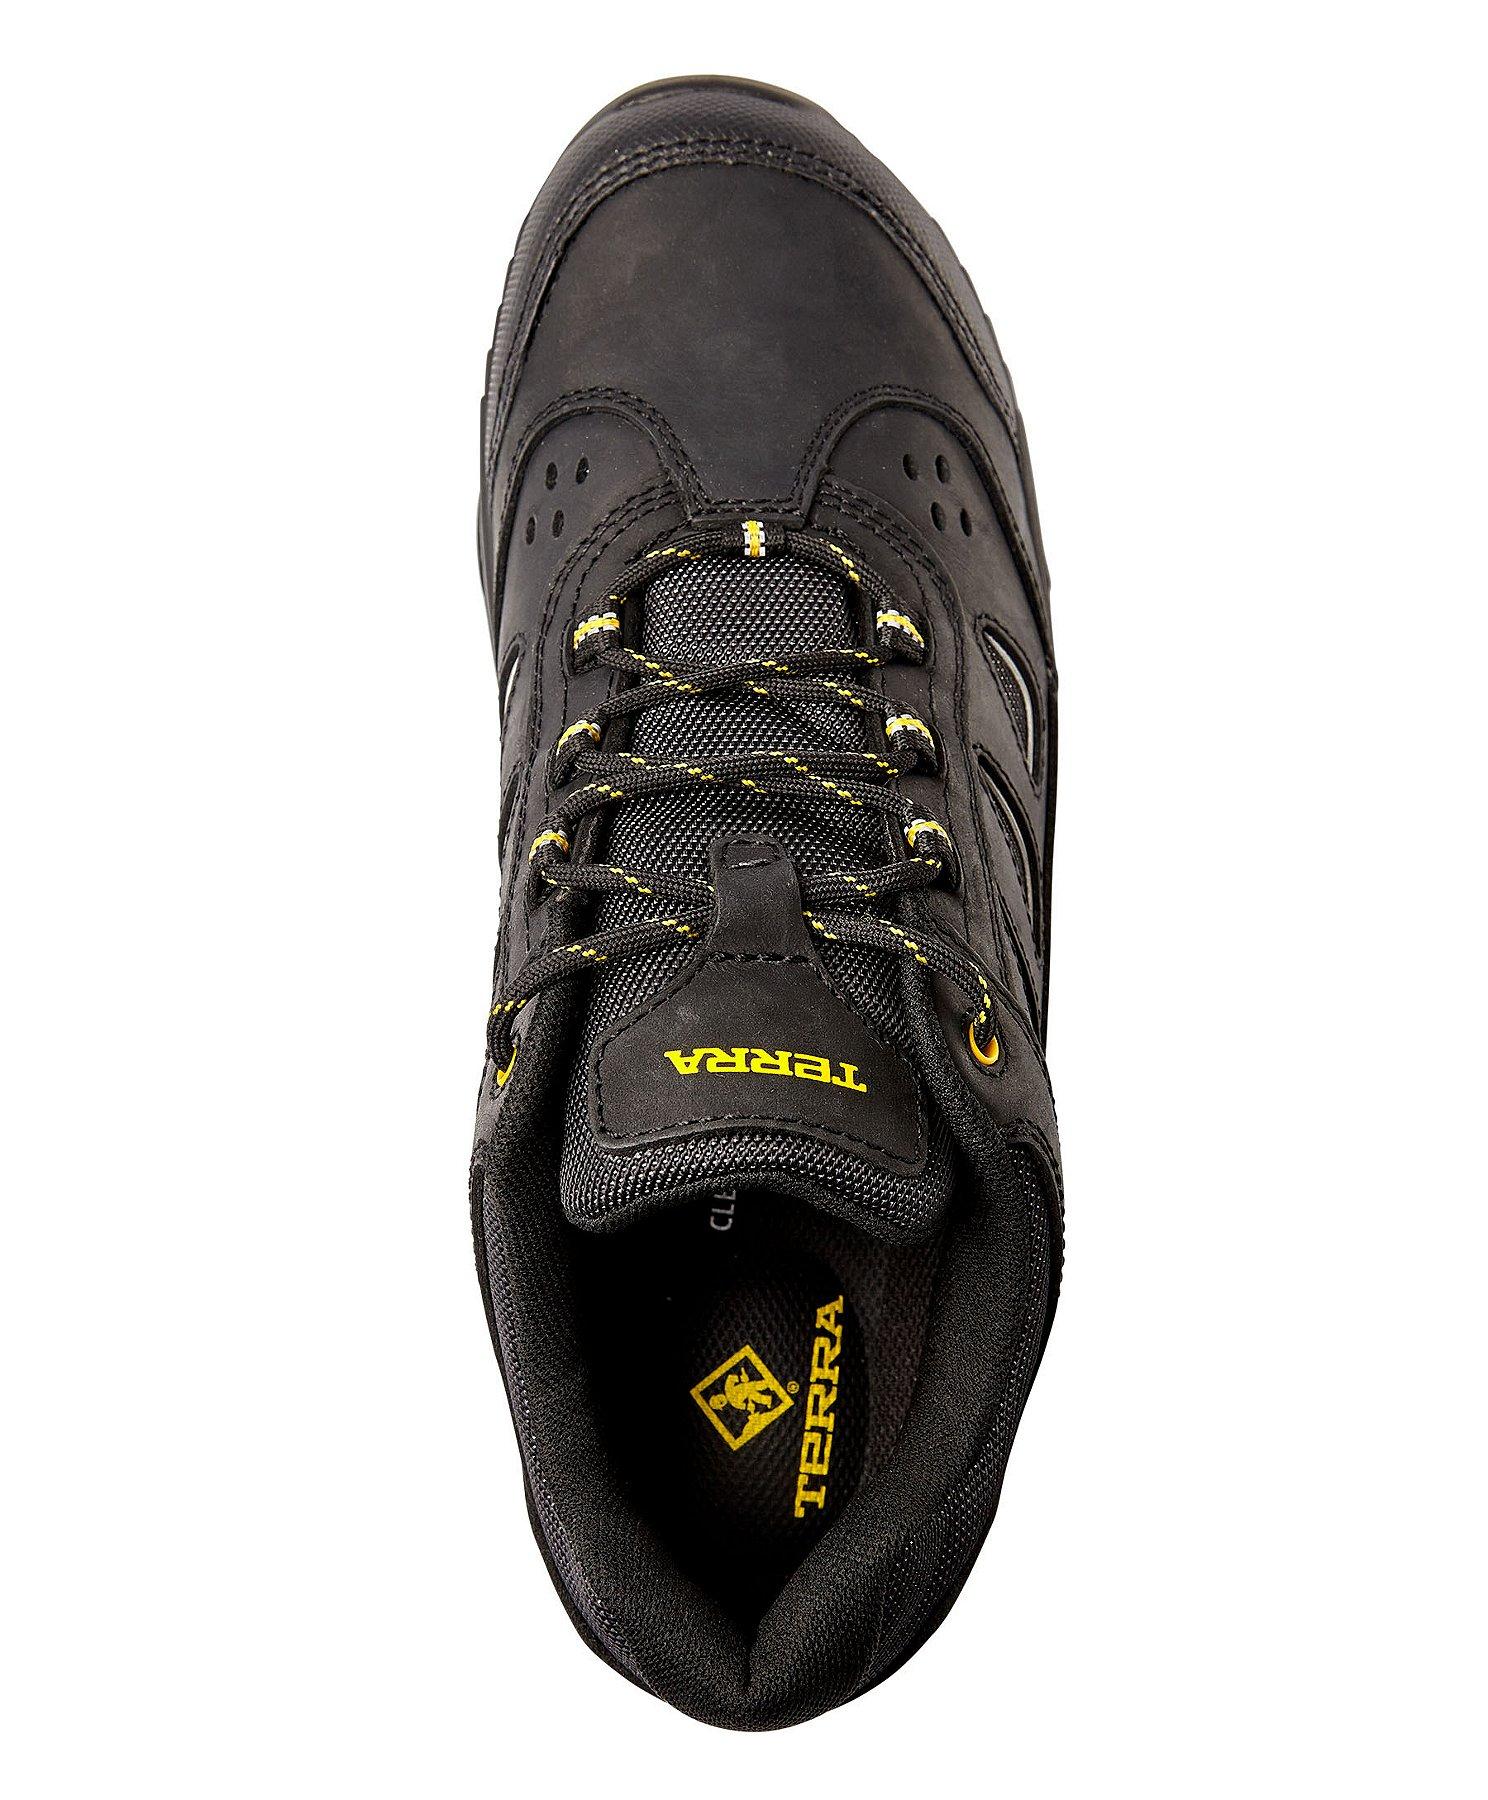 86d1fe72d6916 Men's Arrow Evo Composite Toe Composite Plate Leather Safety Shoes